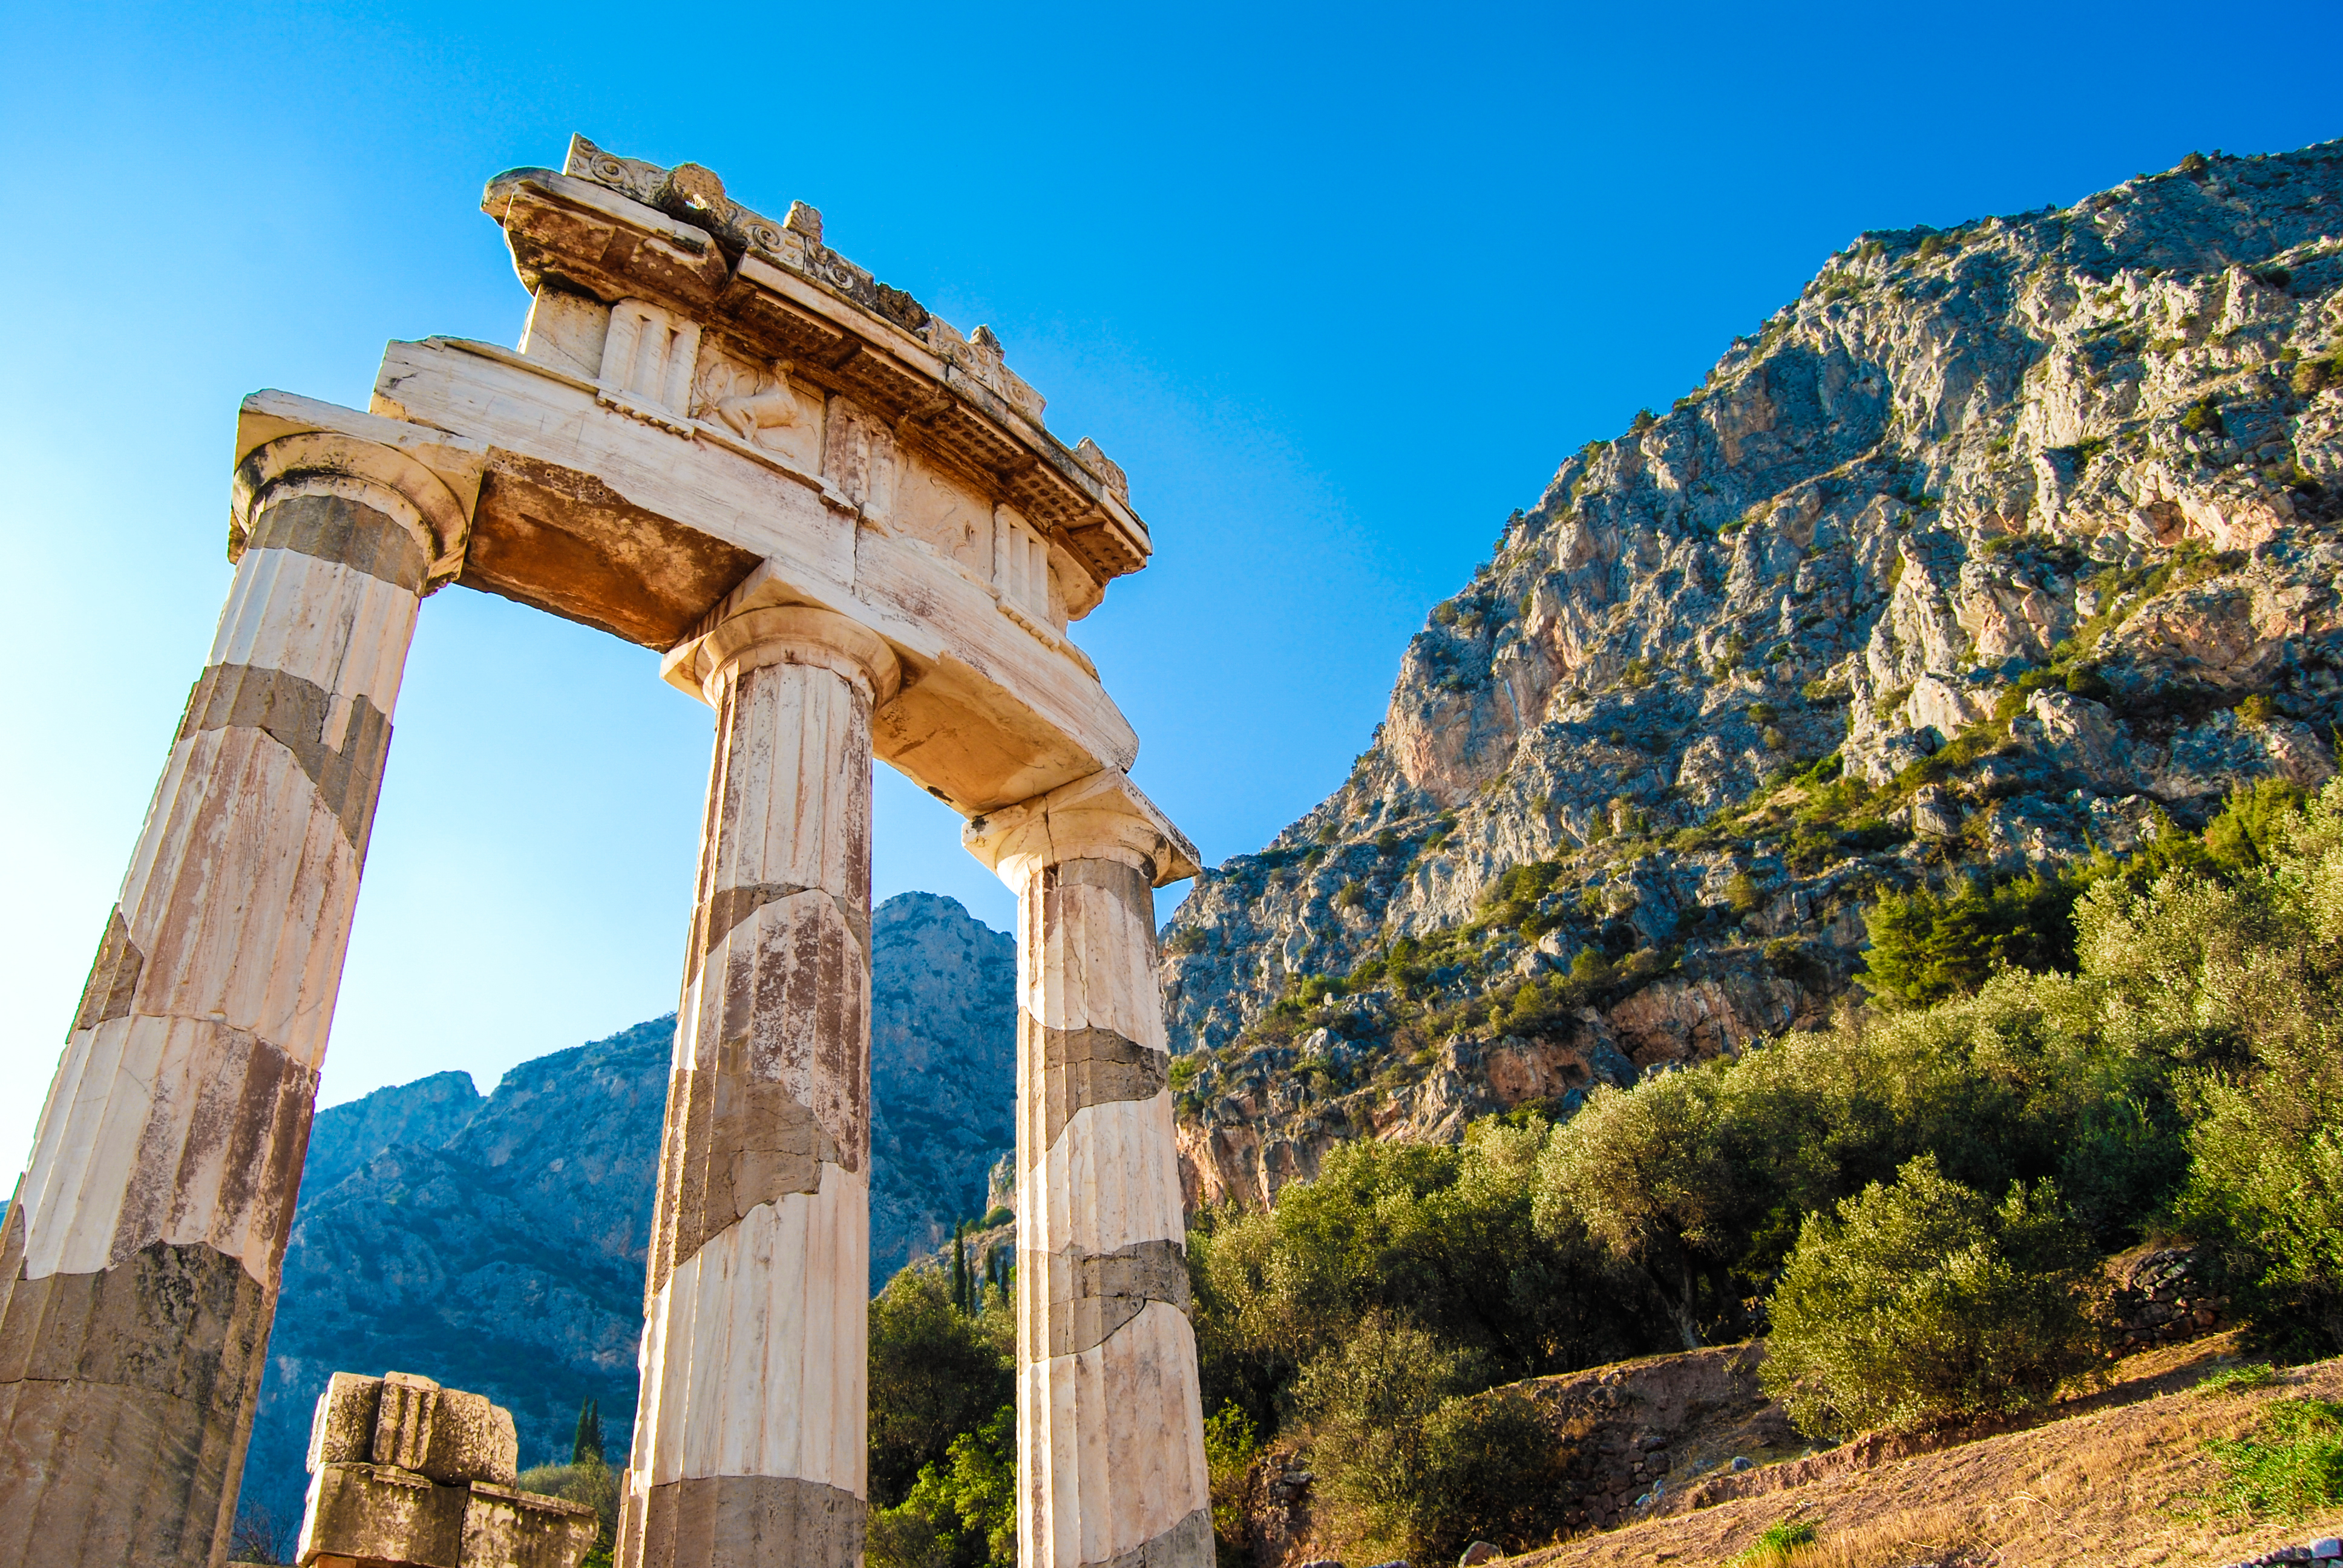 El más grande de los dioses en la más grande de las estatuas - Grecia Circuito Atenas, Islas Griegas y Grecia Clásica